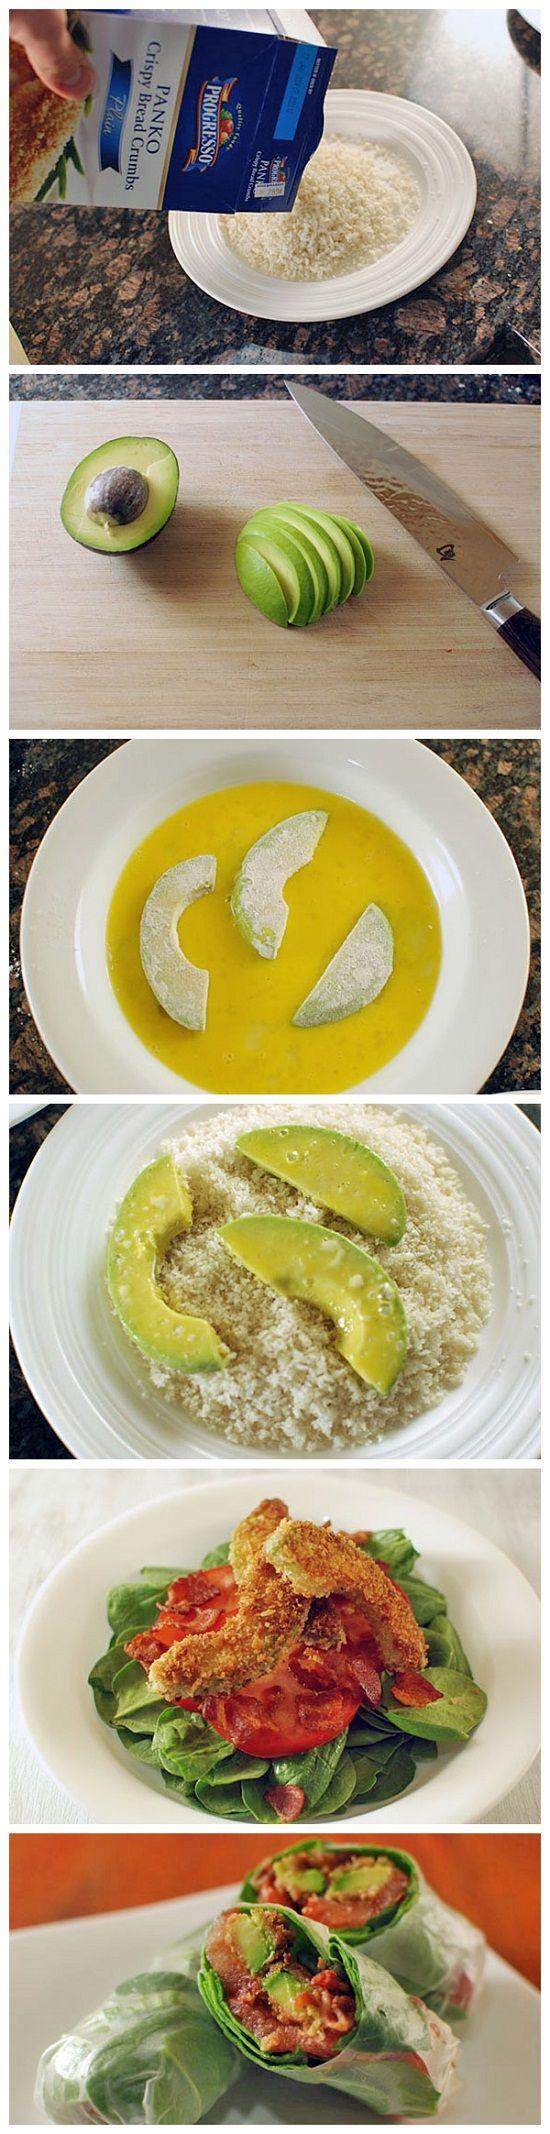 BLT-Avocado Salad